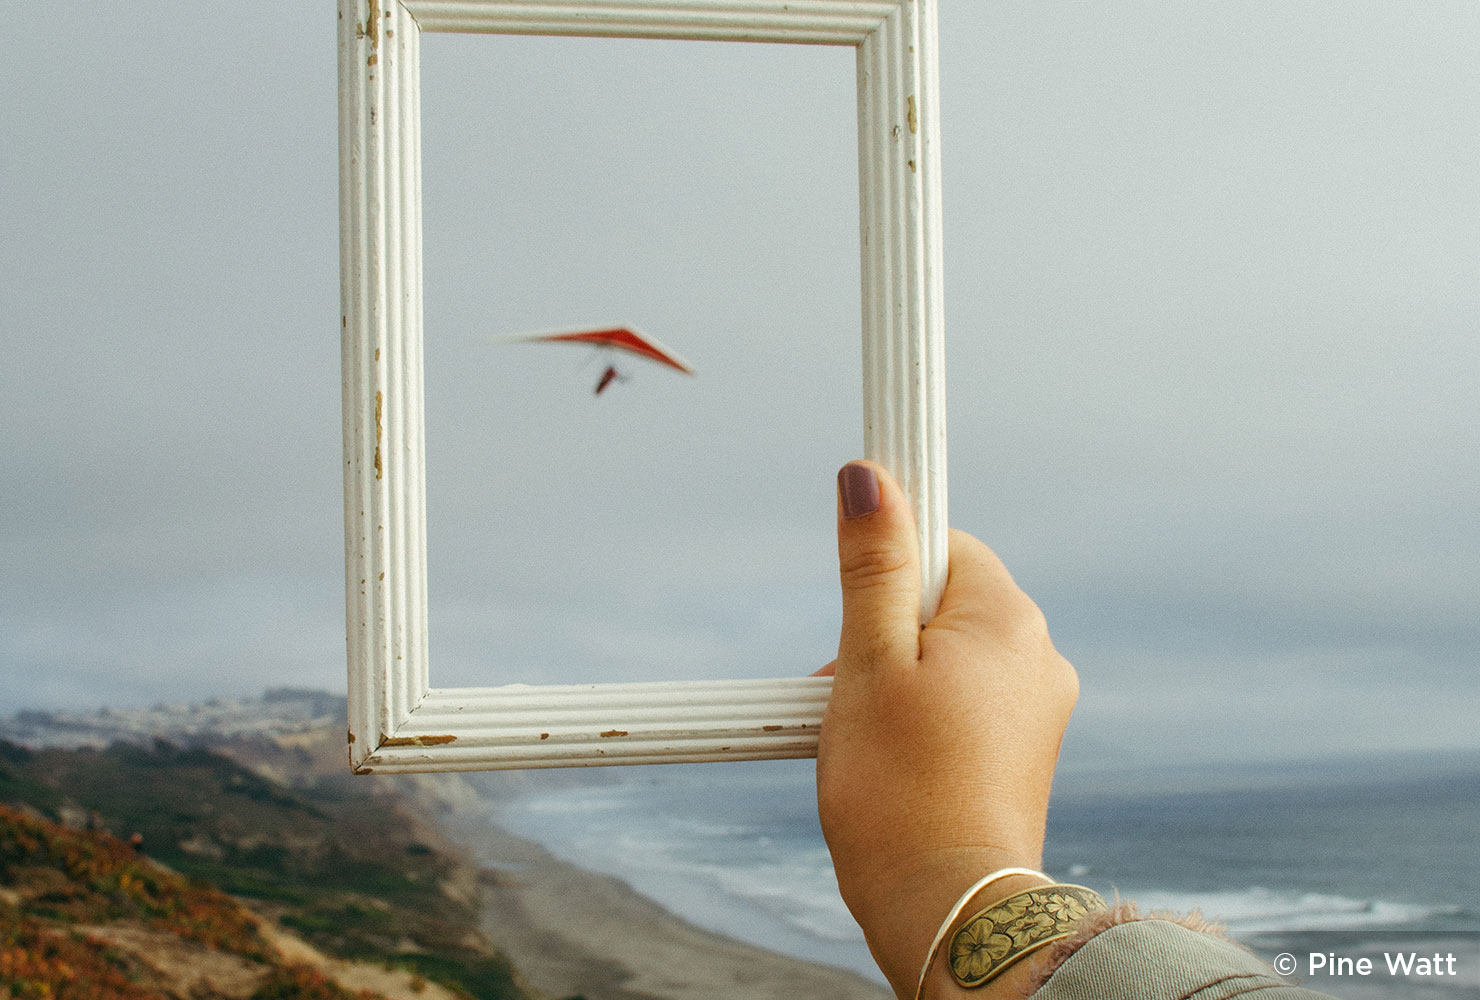 Proyectos de fotografía creativa para aplicar